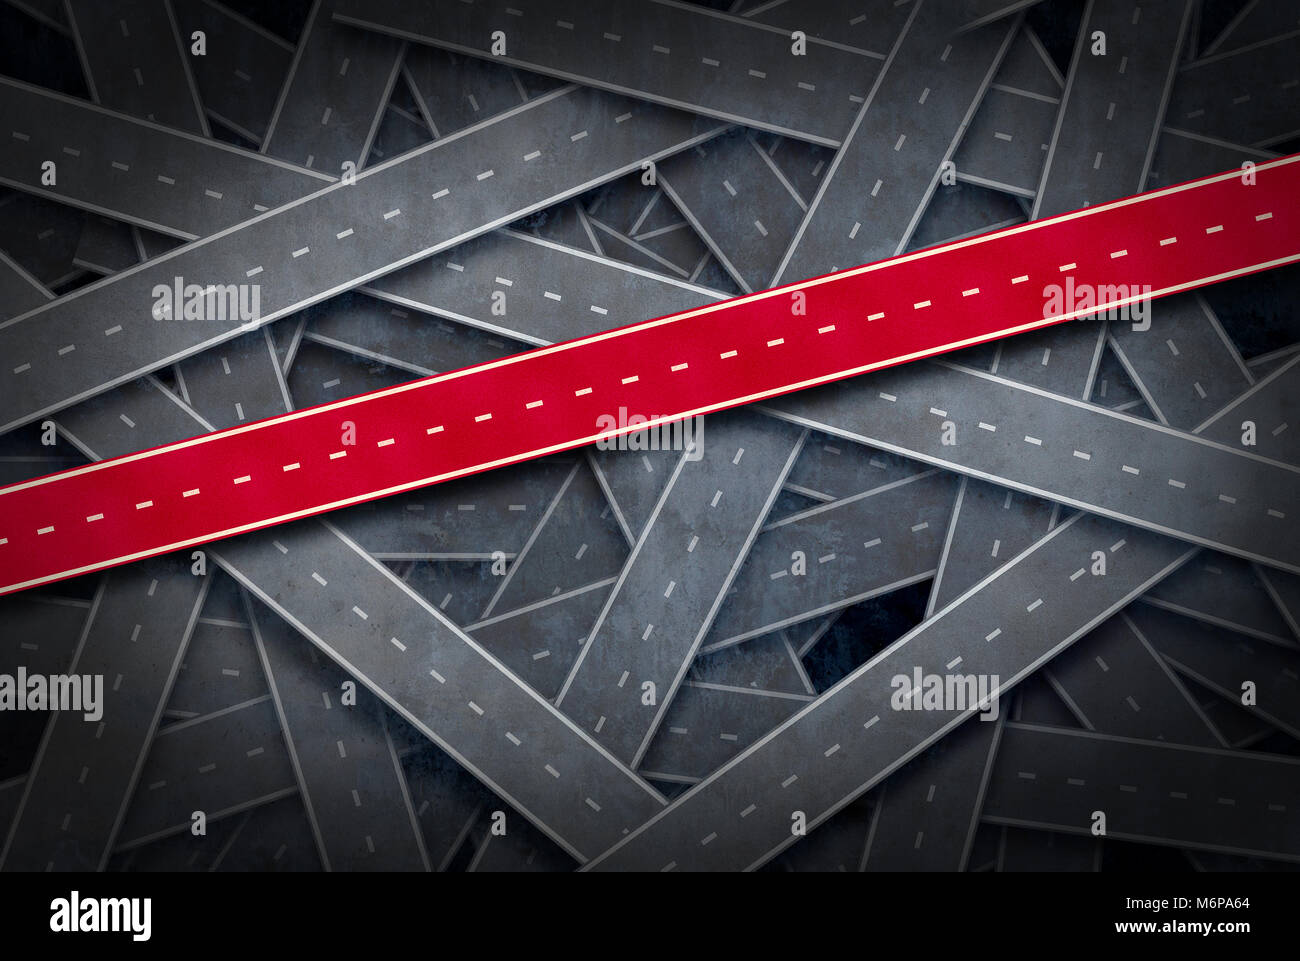 Camino al Éxito concepto y siga el camino recto como la idea de un grupo de carreteras y un sendero rojo como Imagen De Stock